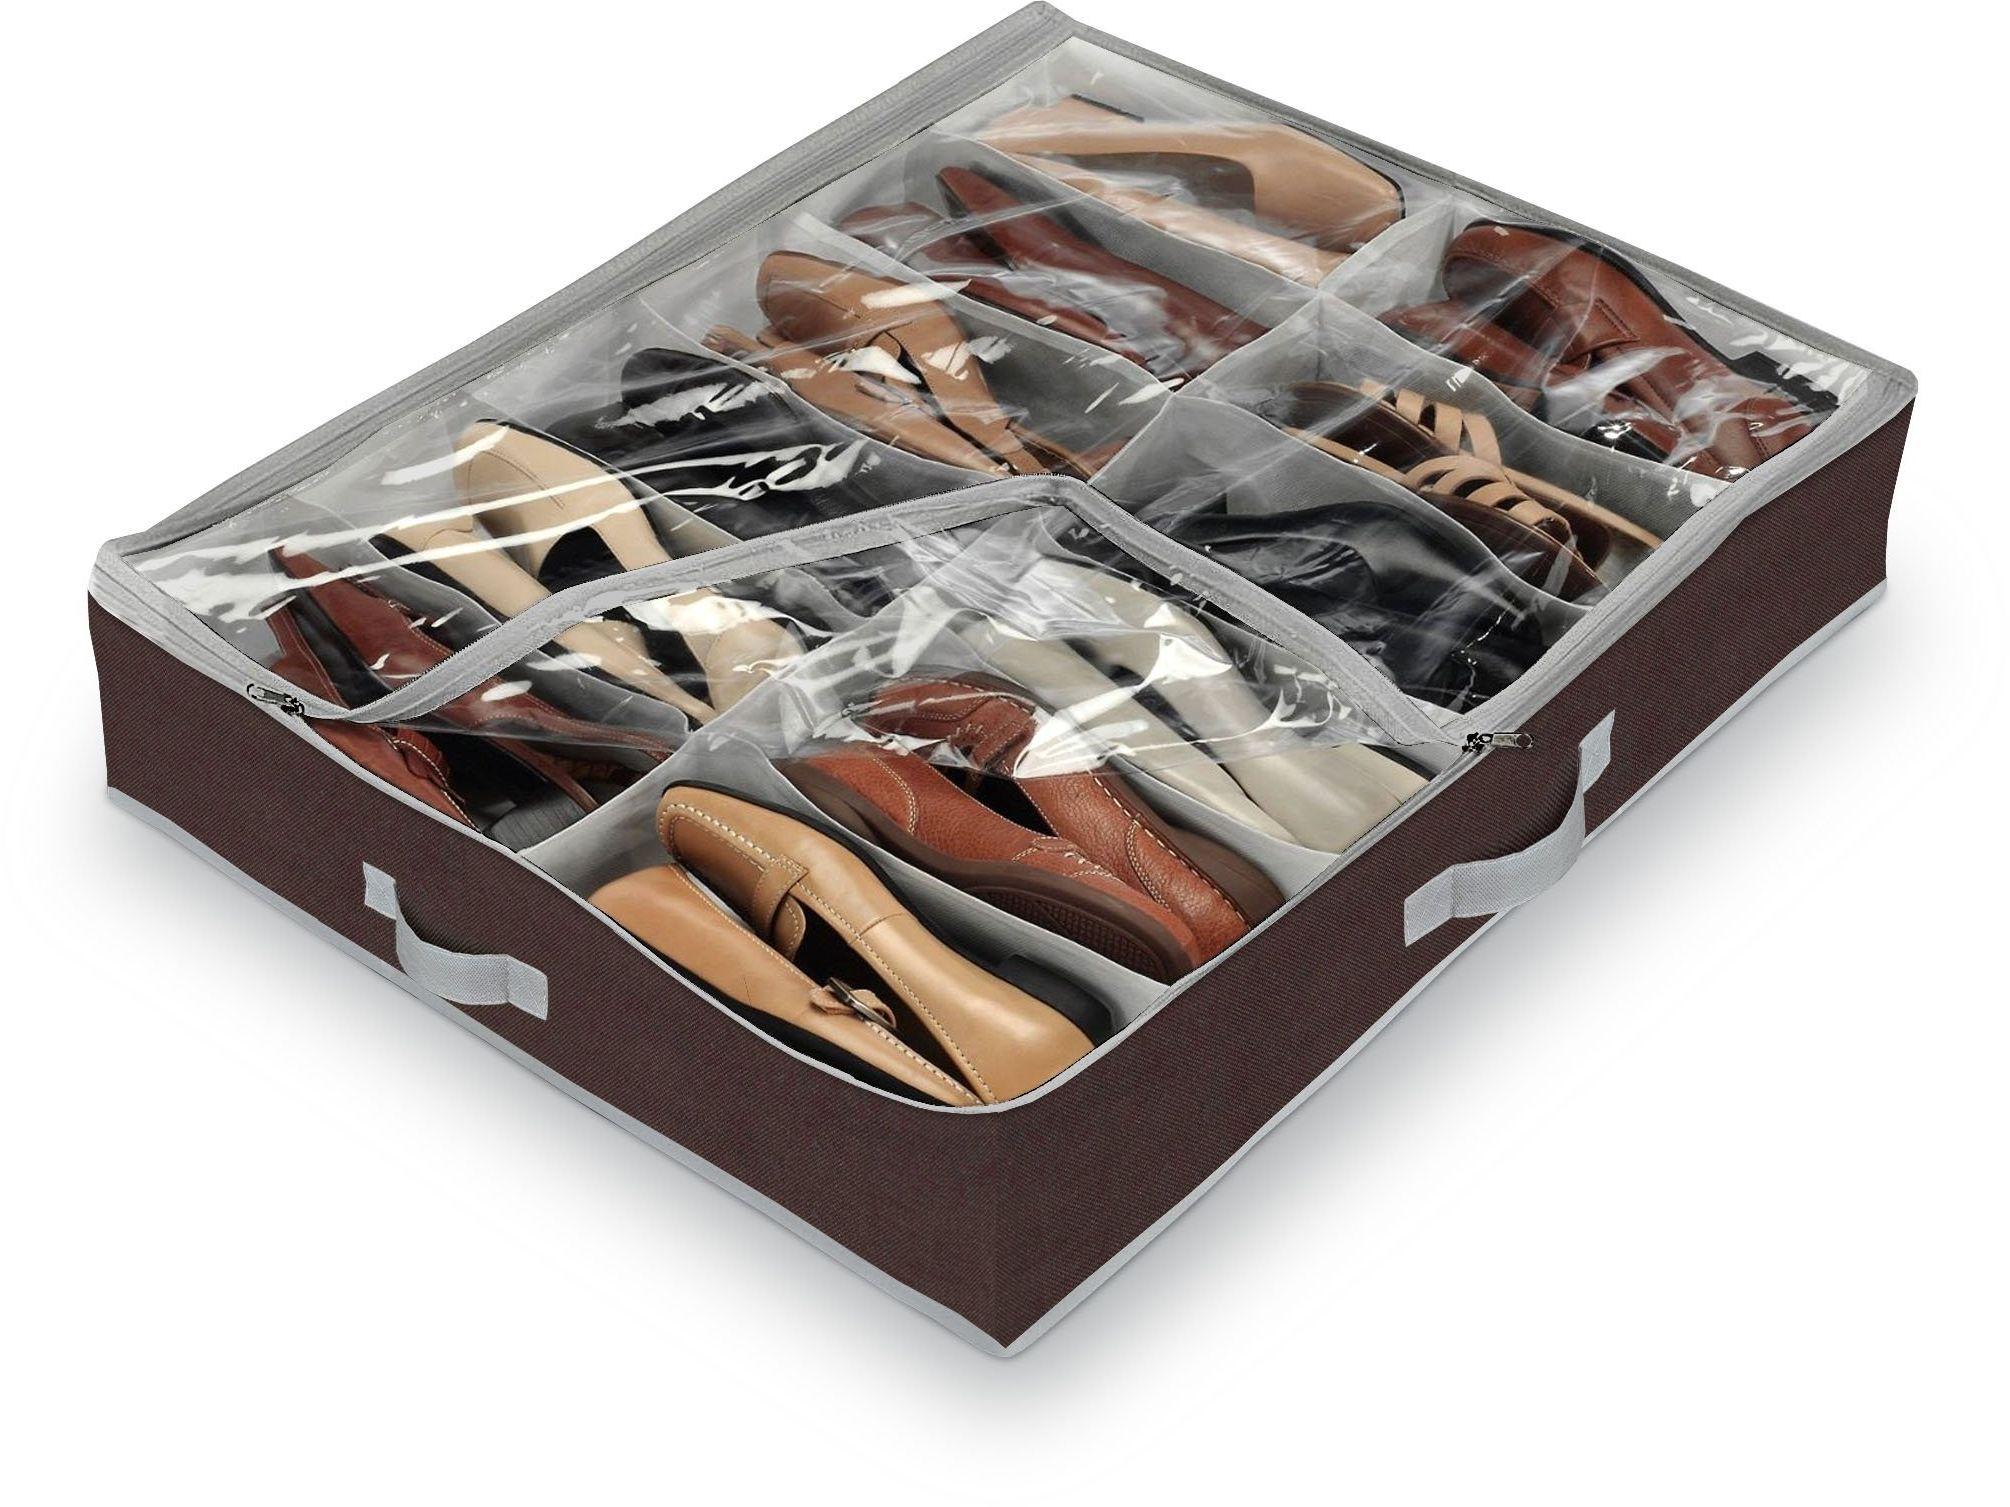 Domopak living duży organizer do butów pod łóżko, 12 przegródek (brązowy) 76 x 60 x 15 cm